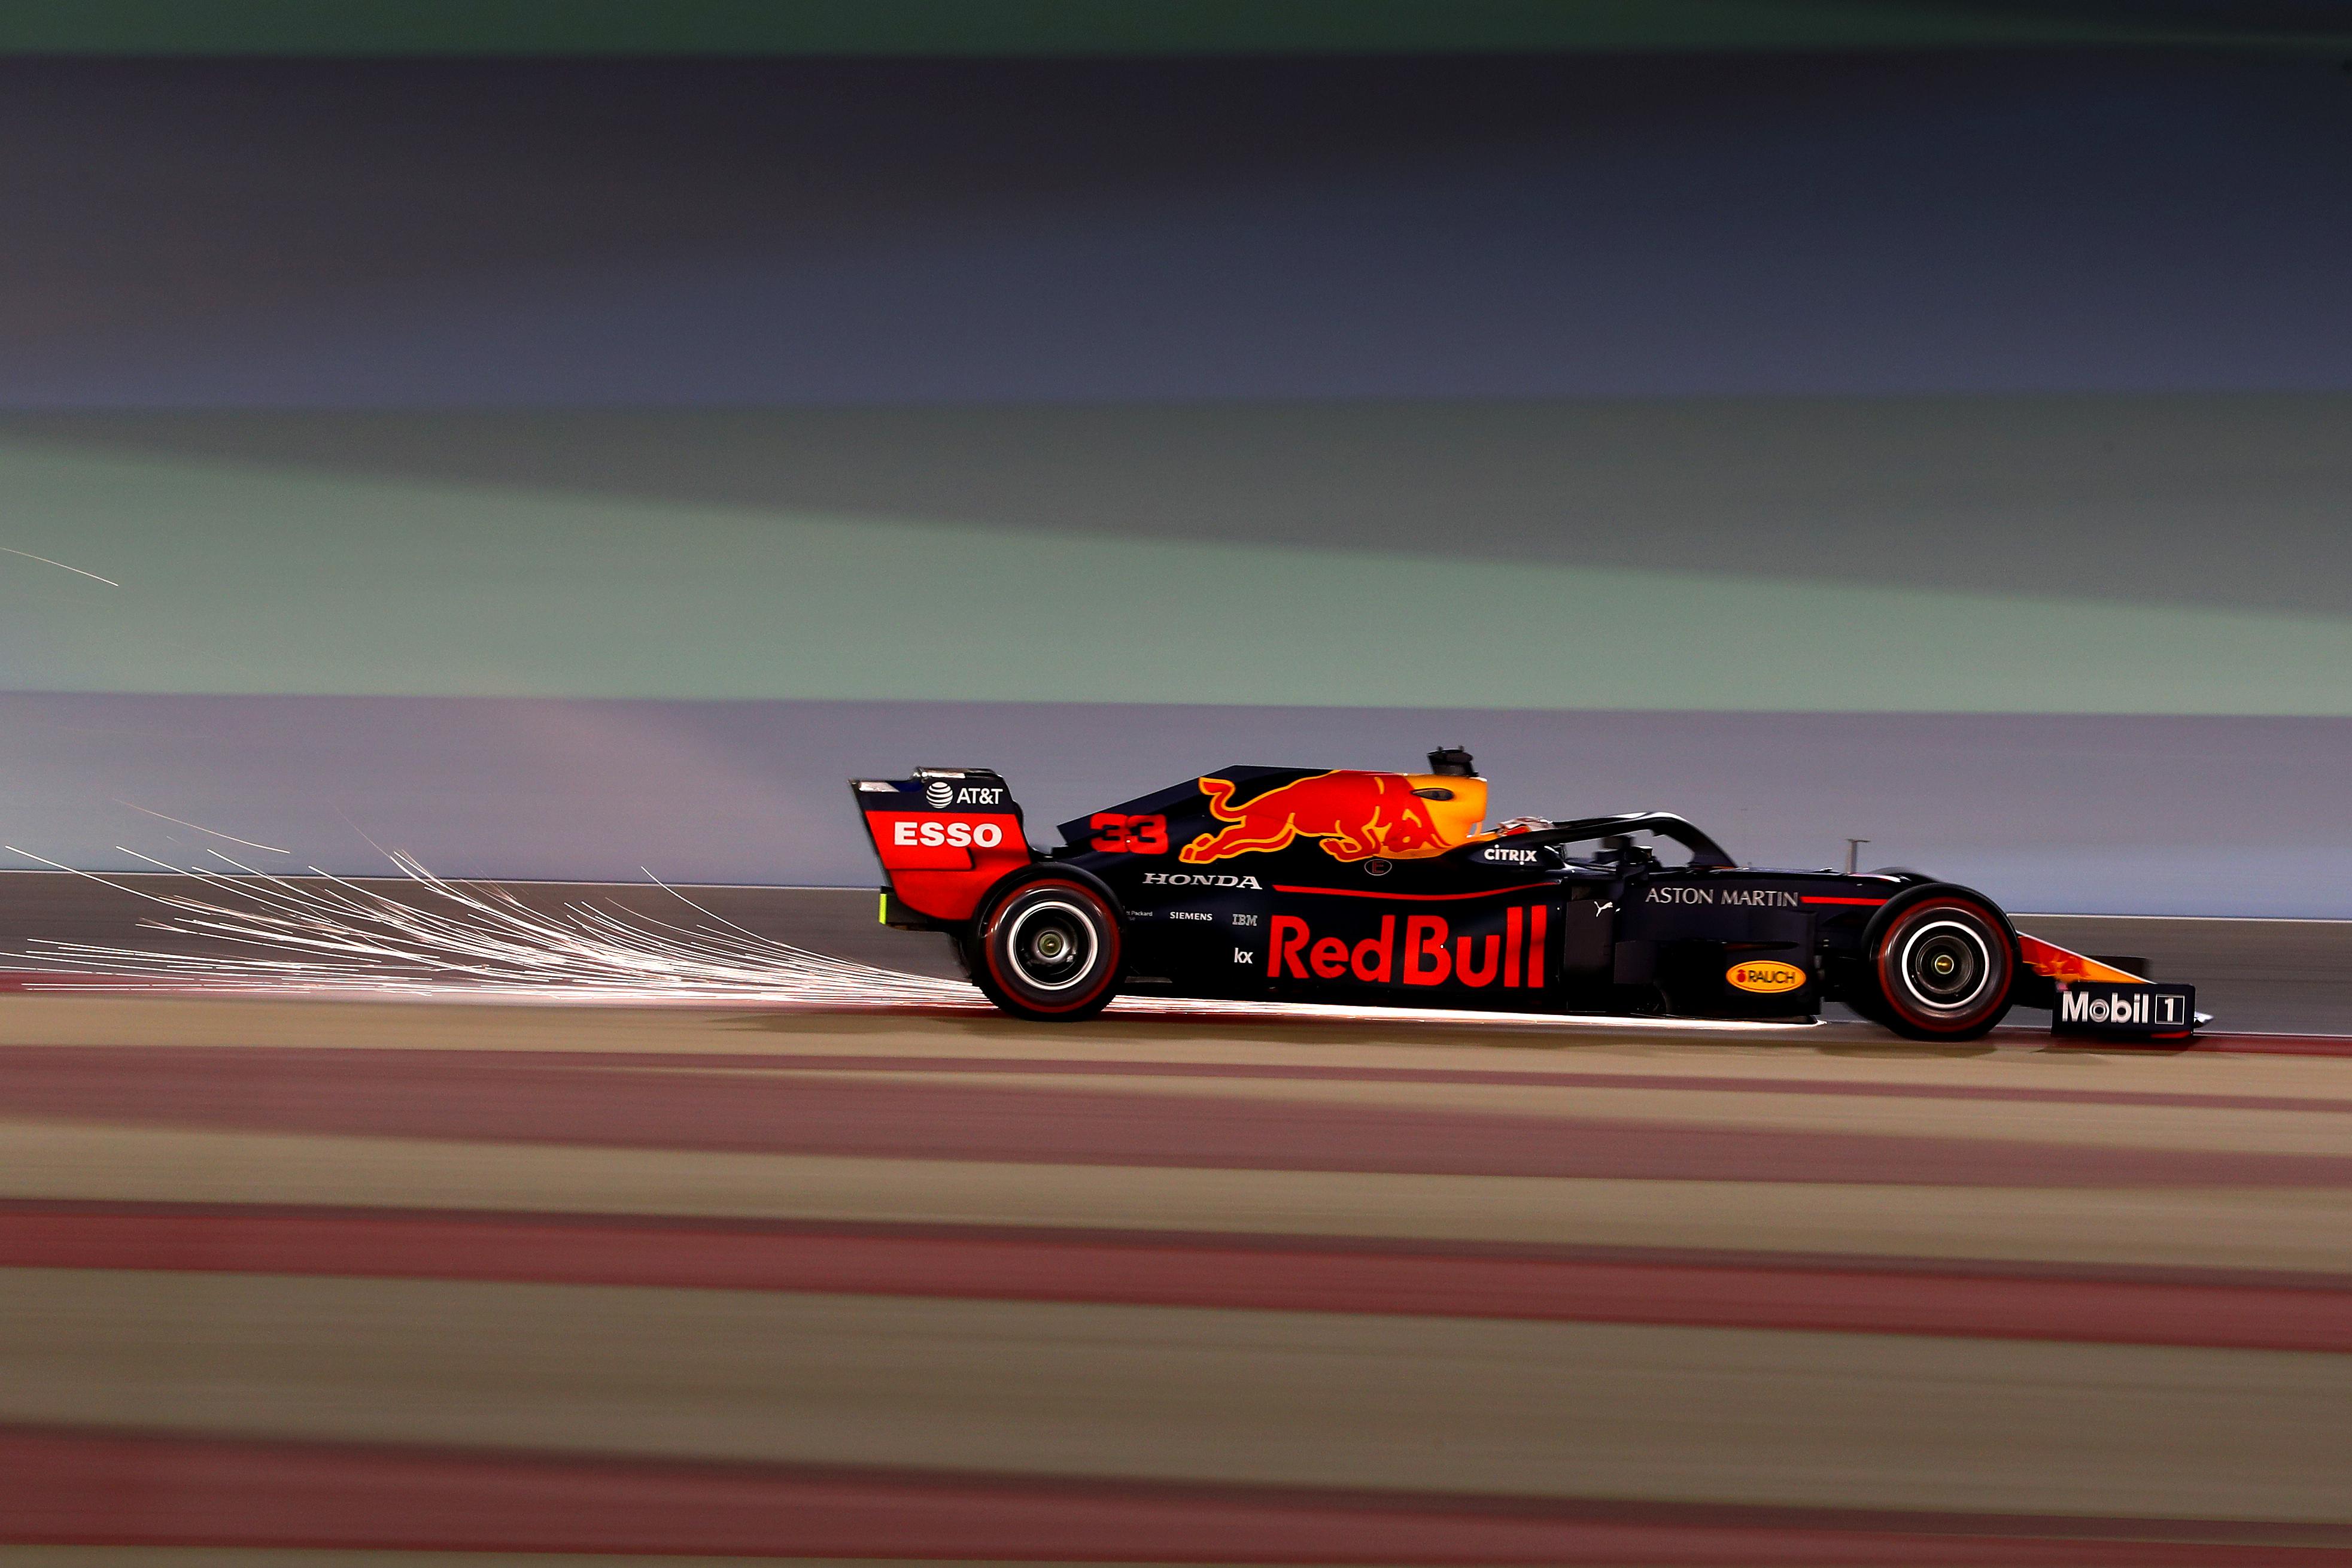 Verstappen vierde in Grand Prix van Bahrein: 'Moeilijk weekend'